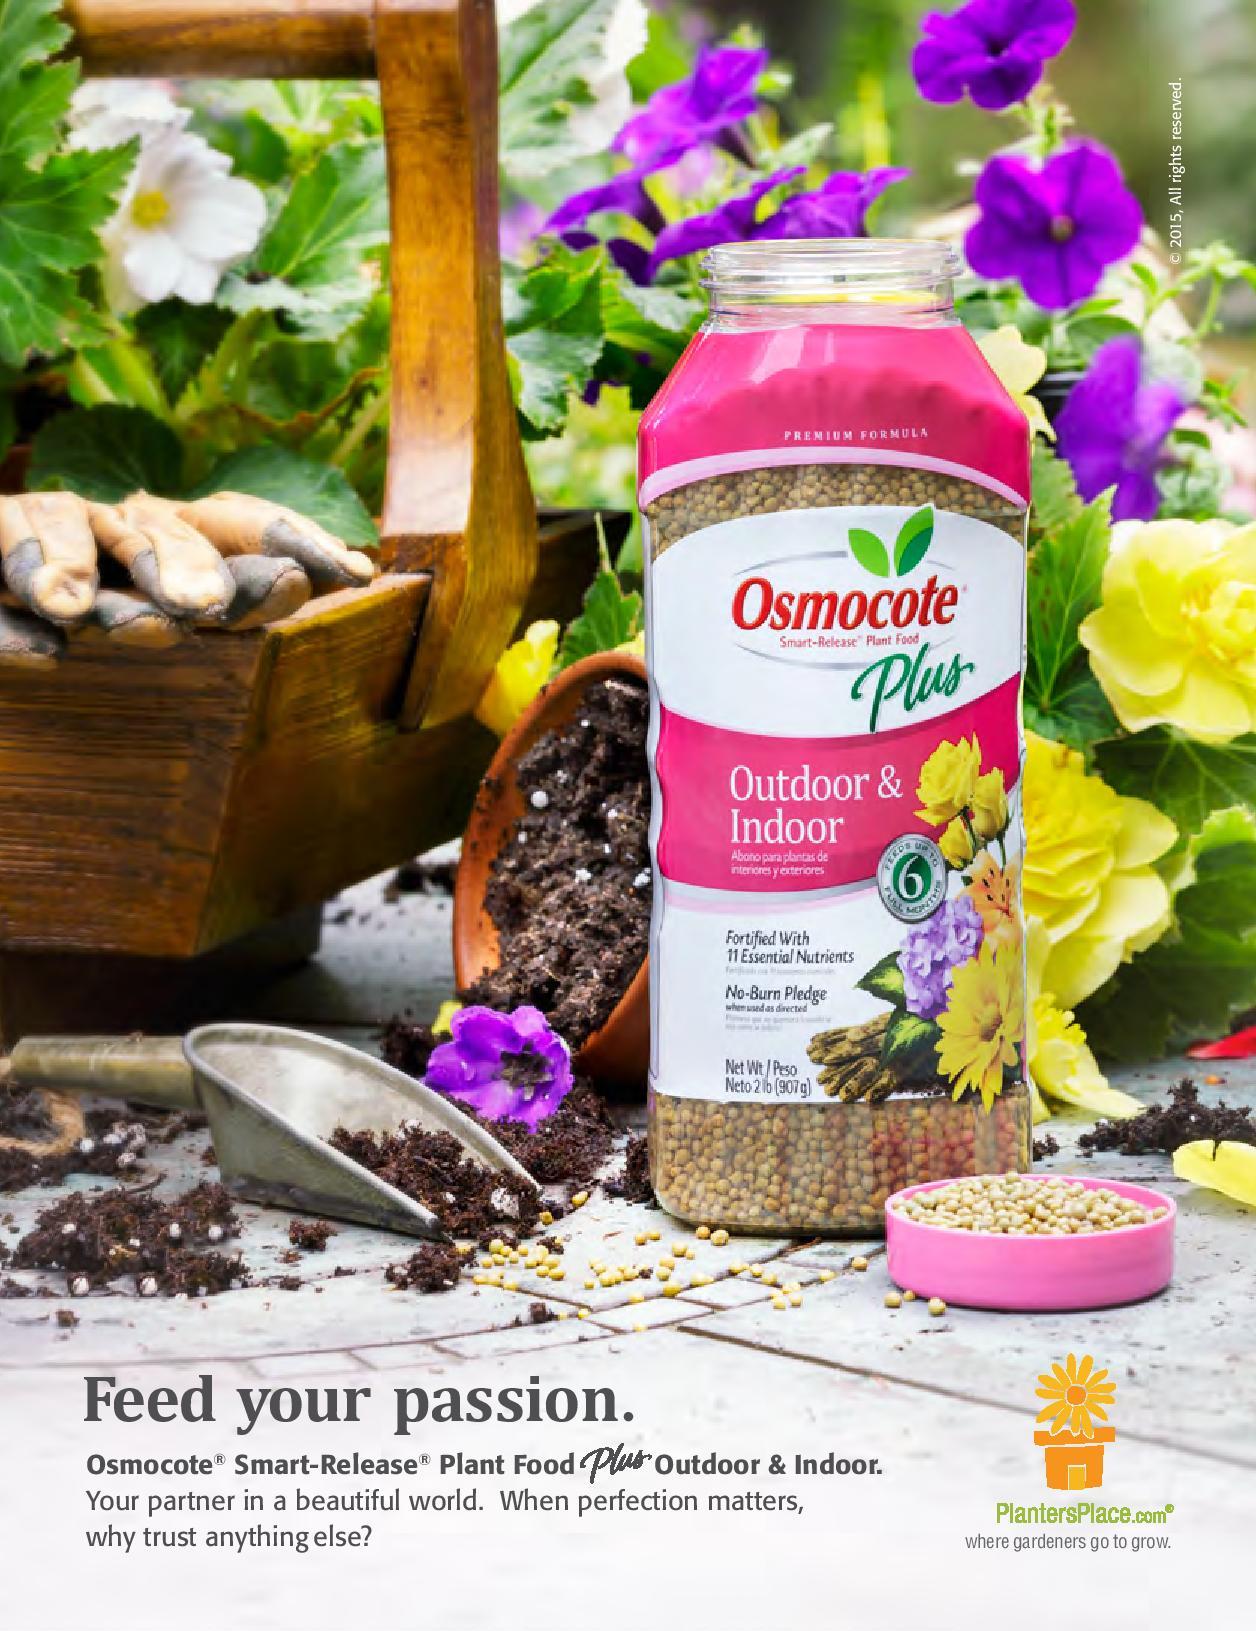 Osmocote 2015 Outdoor Indoor Ad